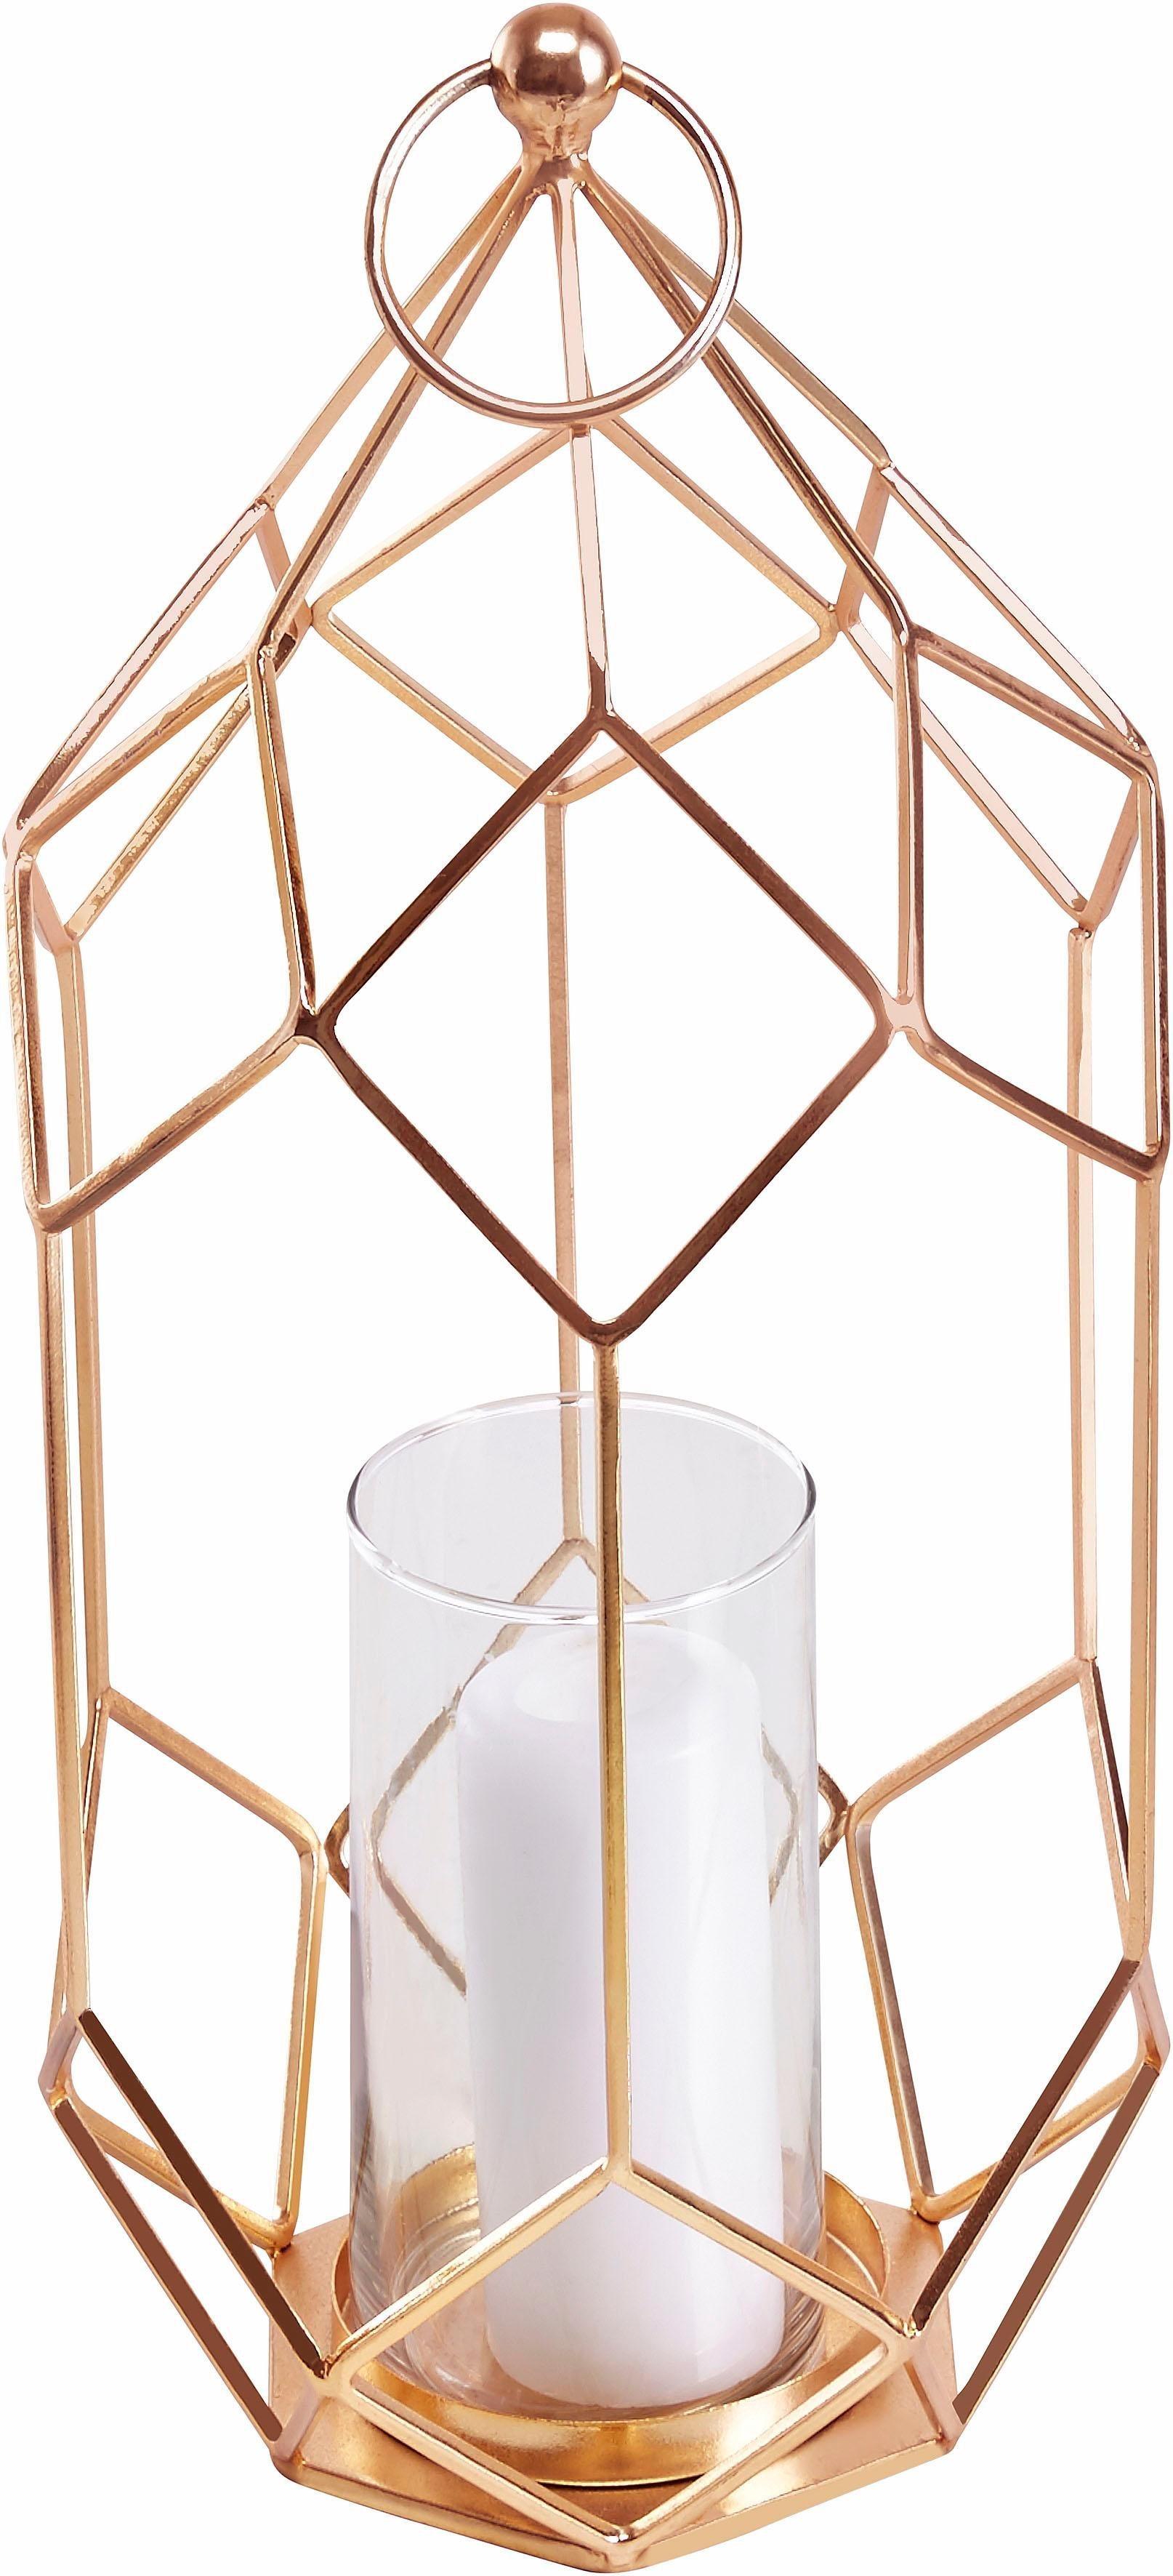 Home affaire Laterne mit Glas, Goldfarben | Dekoration > Kerzen und Kerzenständer > Laternen | Home affaire